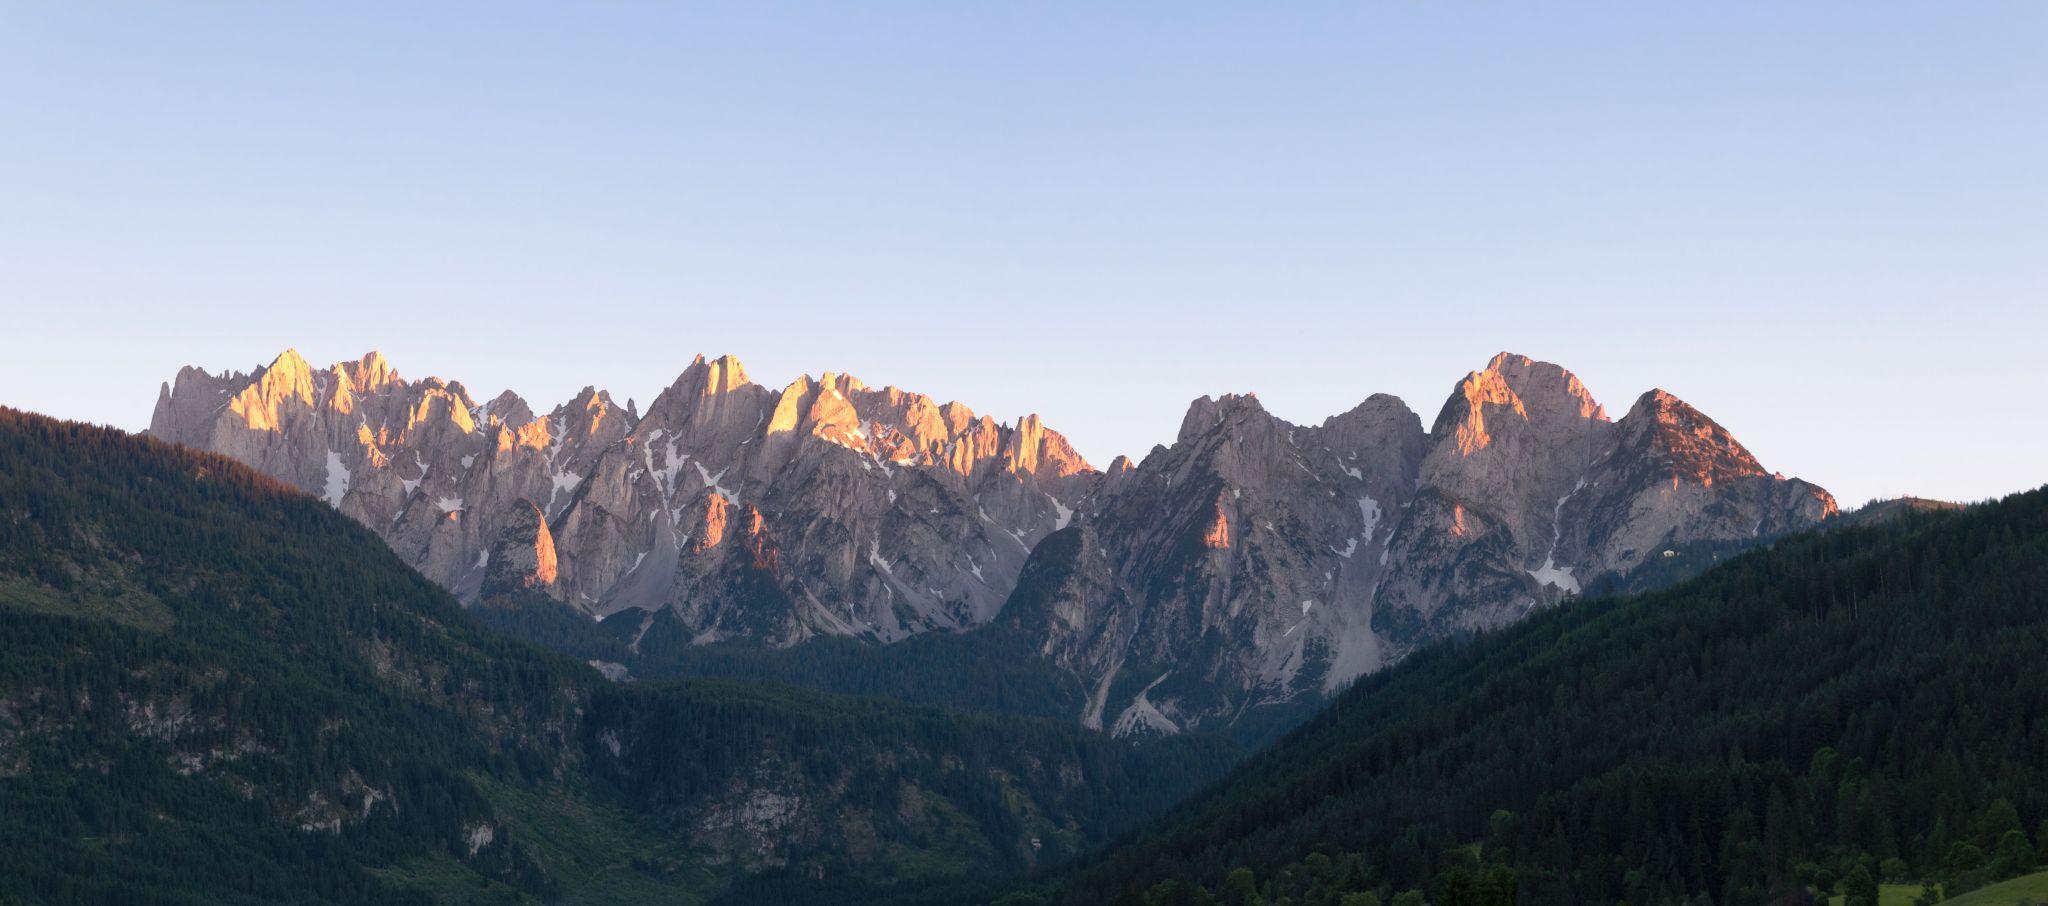 Großer Donnerkogel, Austria